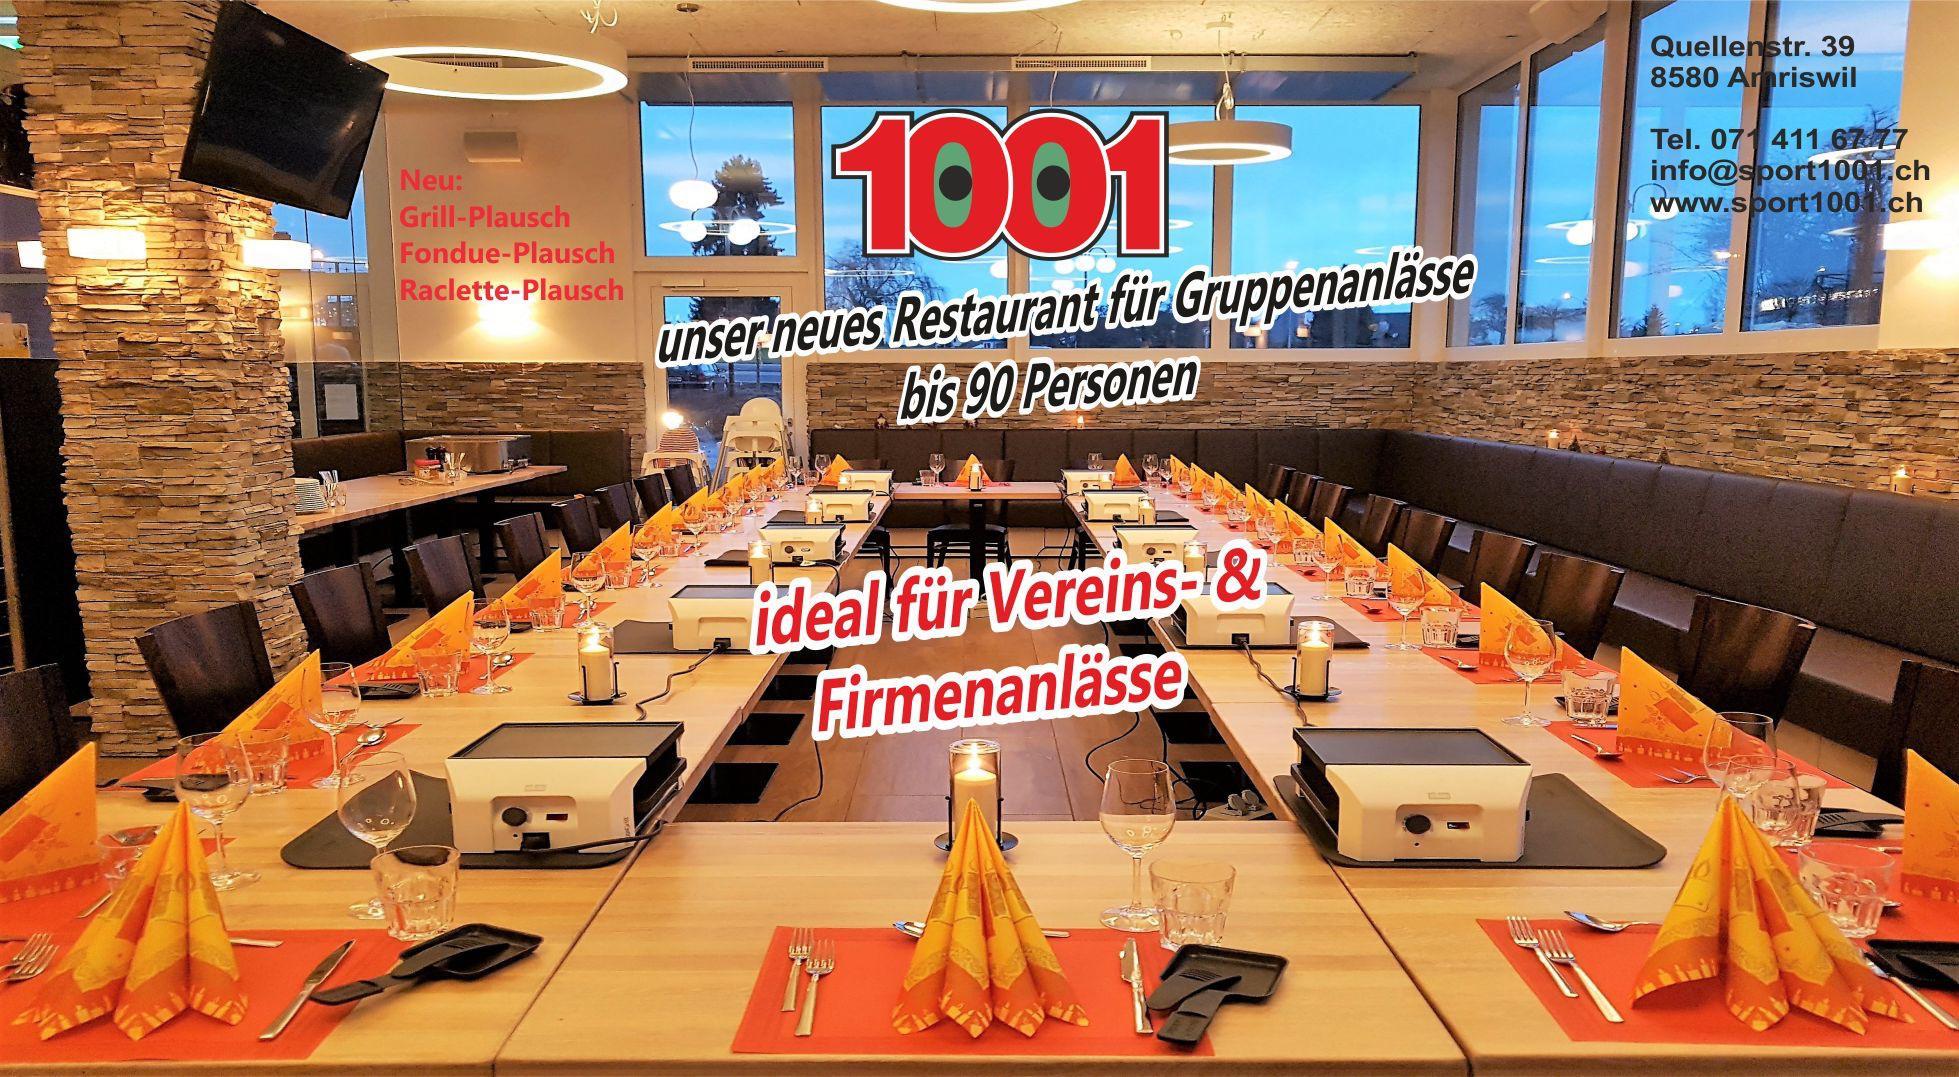 1001 Freizeit AG